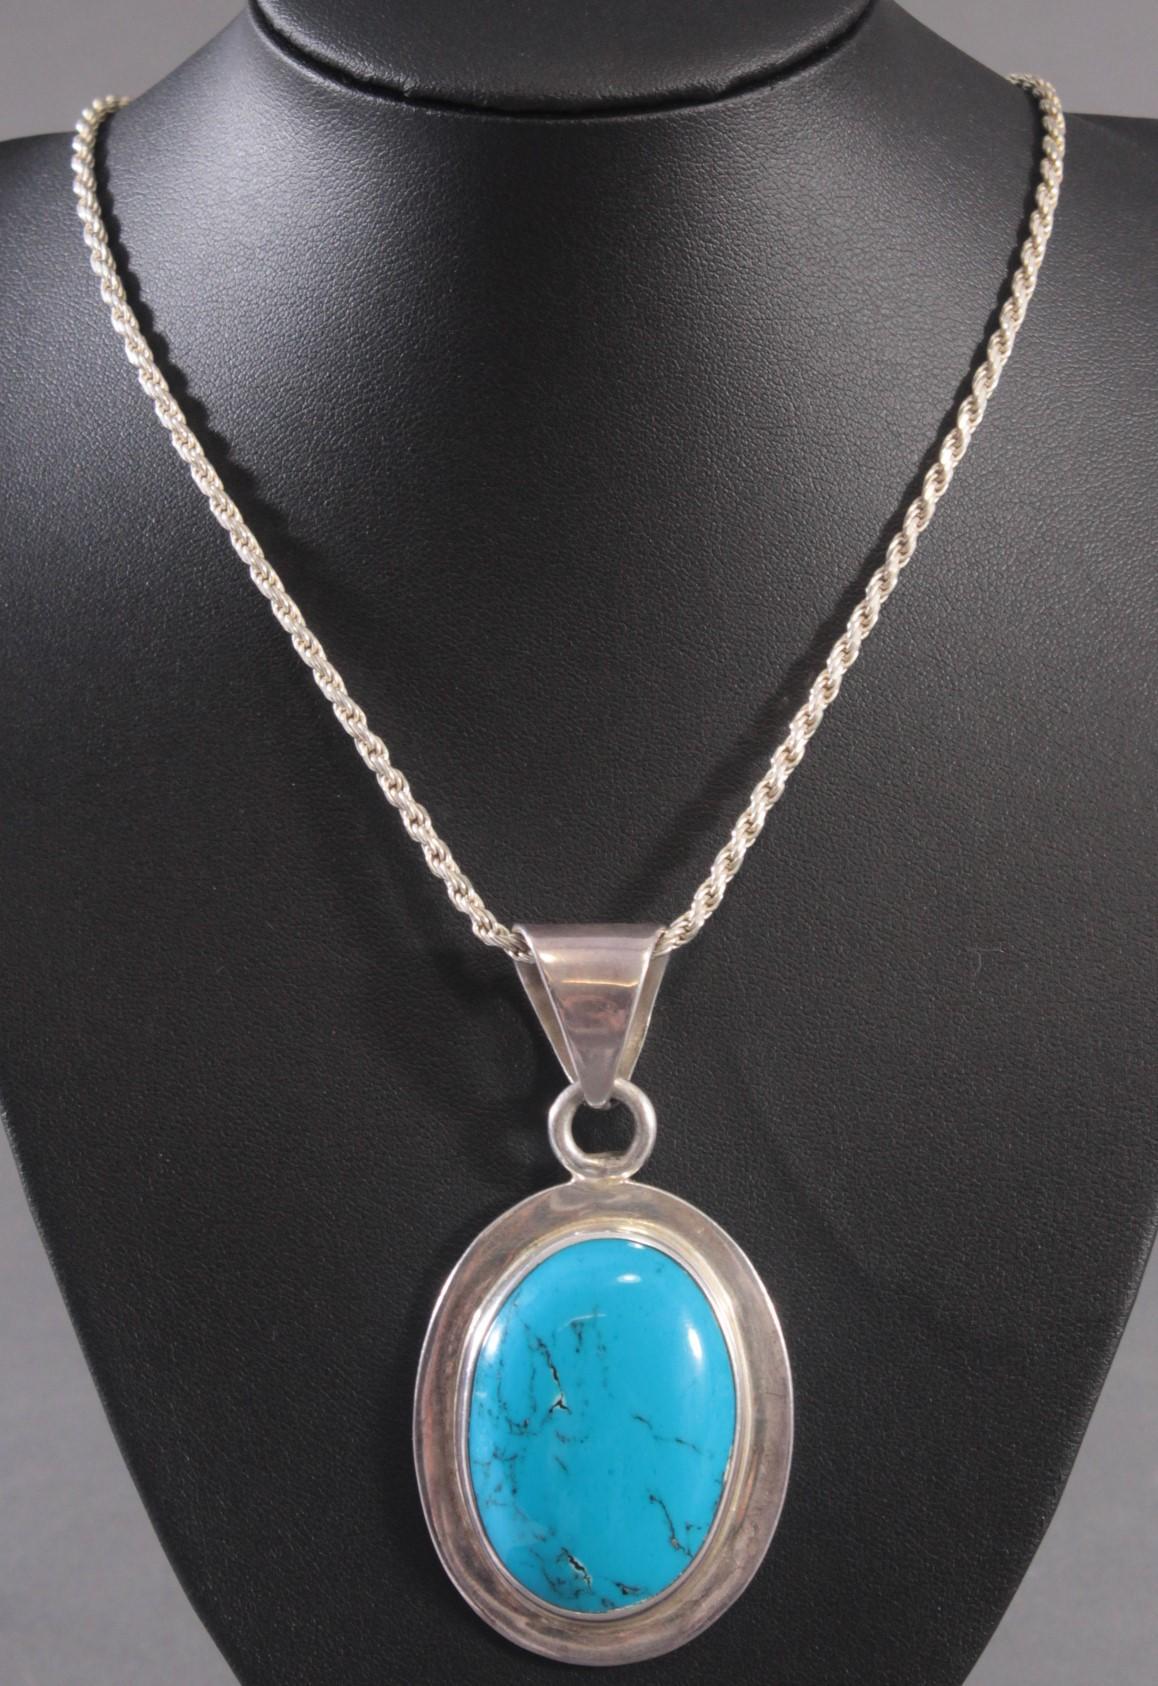 Silberne Halskette mit großem Türkisanhänger